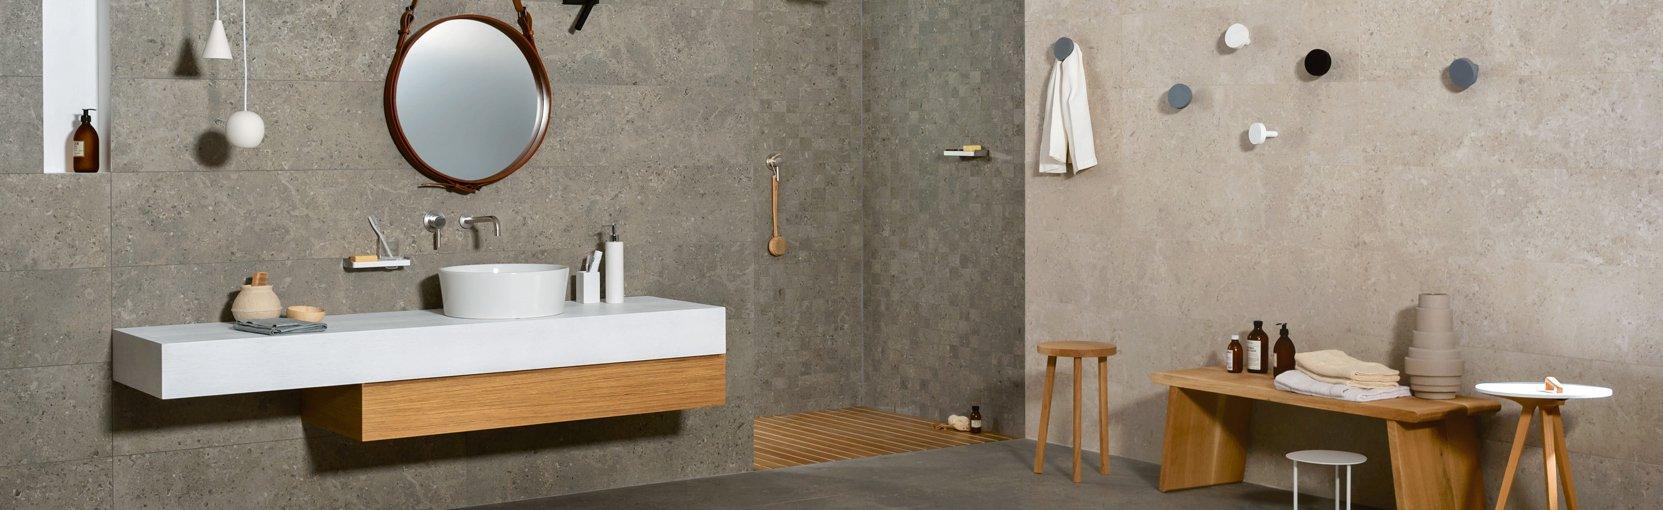 Sanitar Und Badezimmermobel Baustoff Brandes